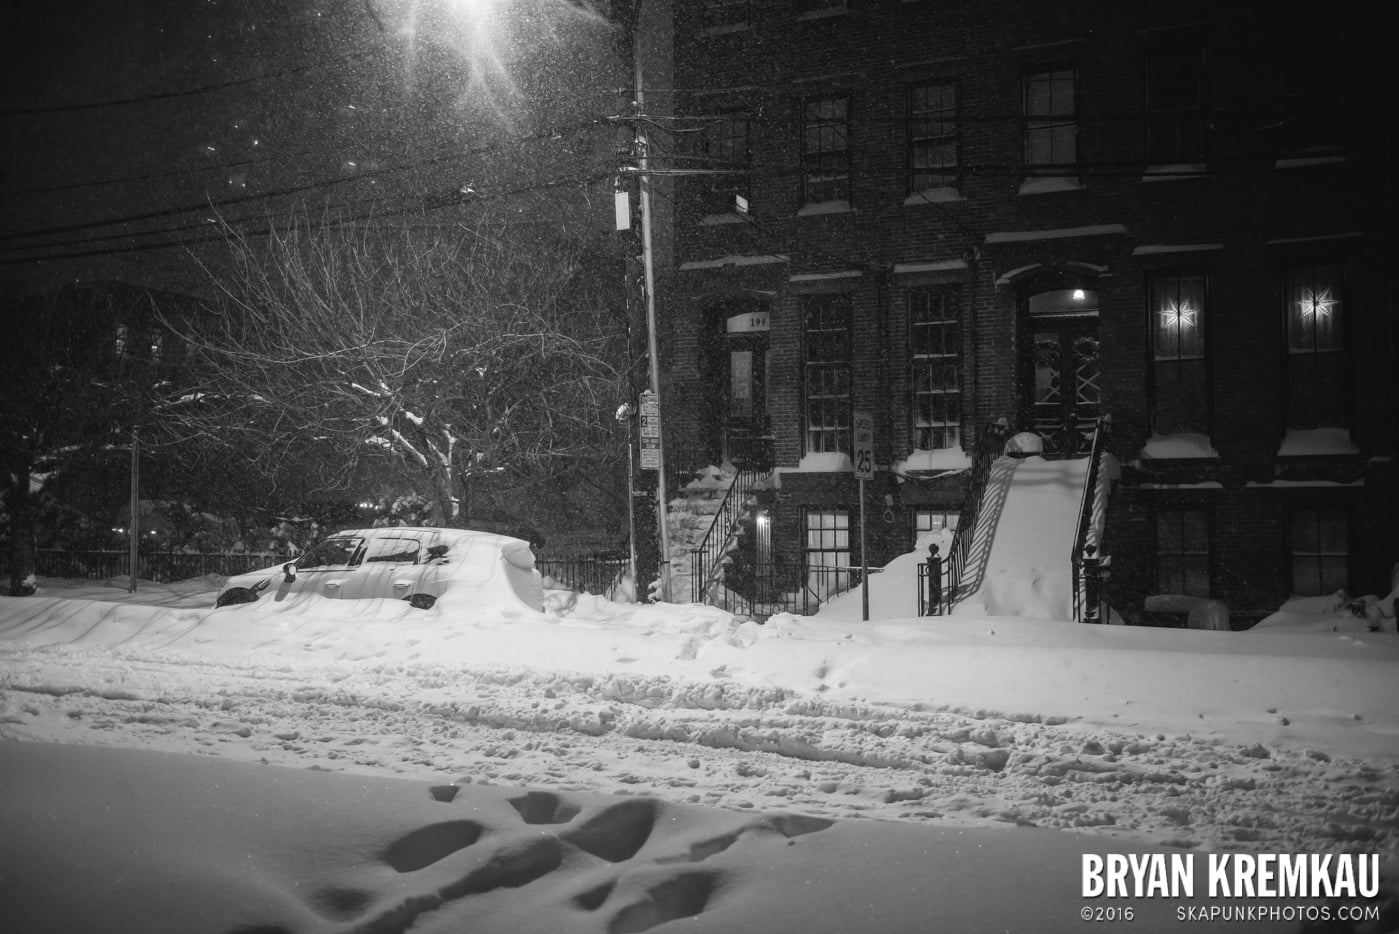 Blizzard 2016 in Jersey City, NJ - 1.23.16 (21)